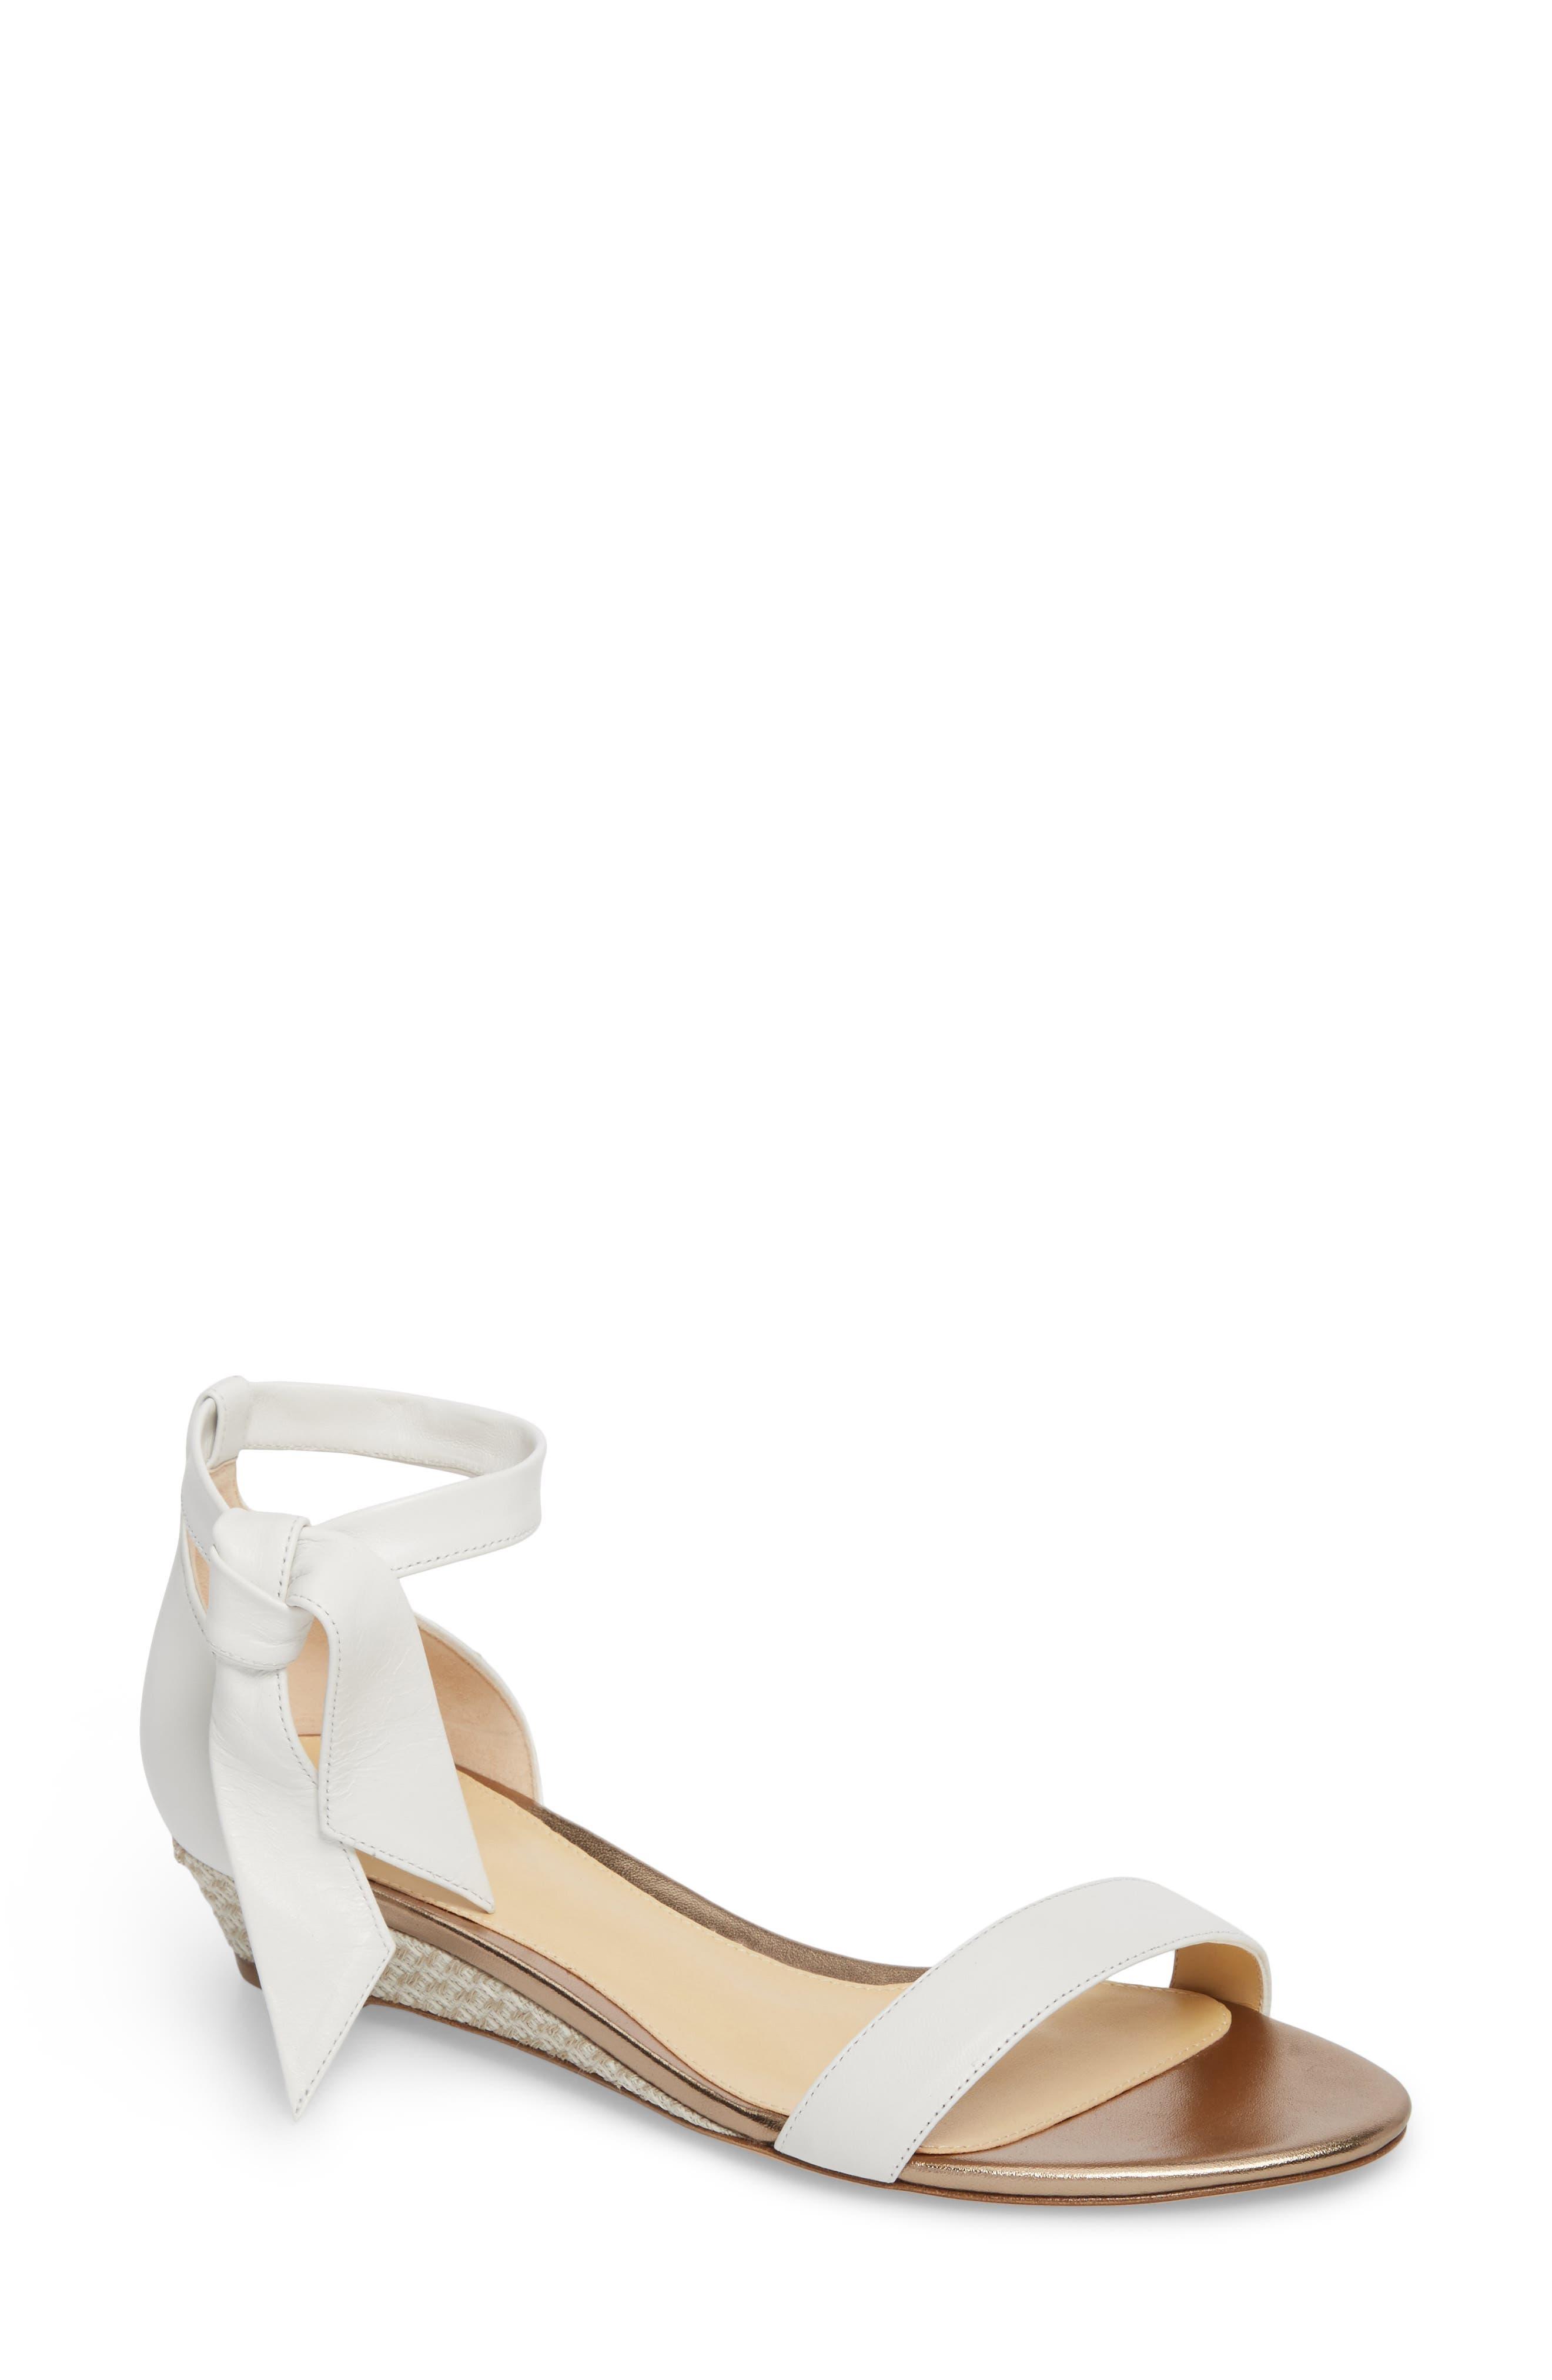 Clarita Wedge Sandal,                         Main,                         color,